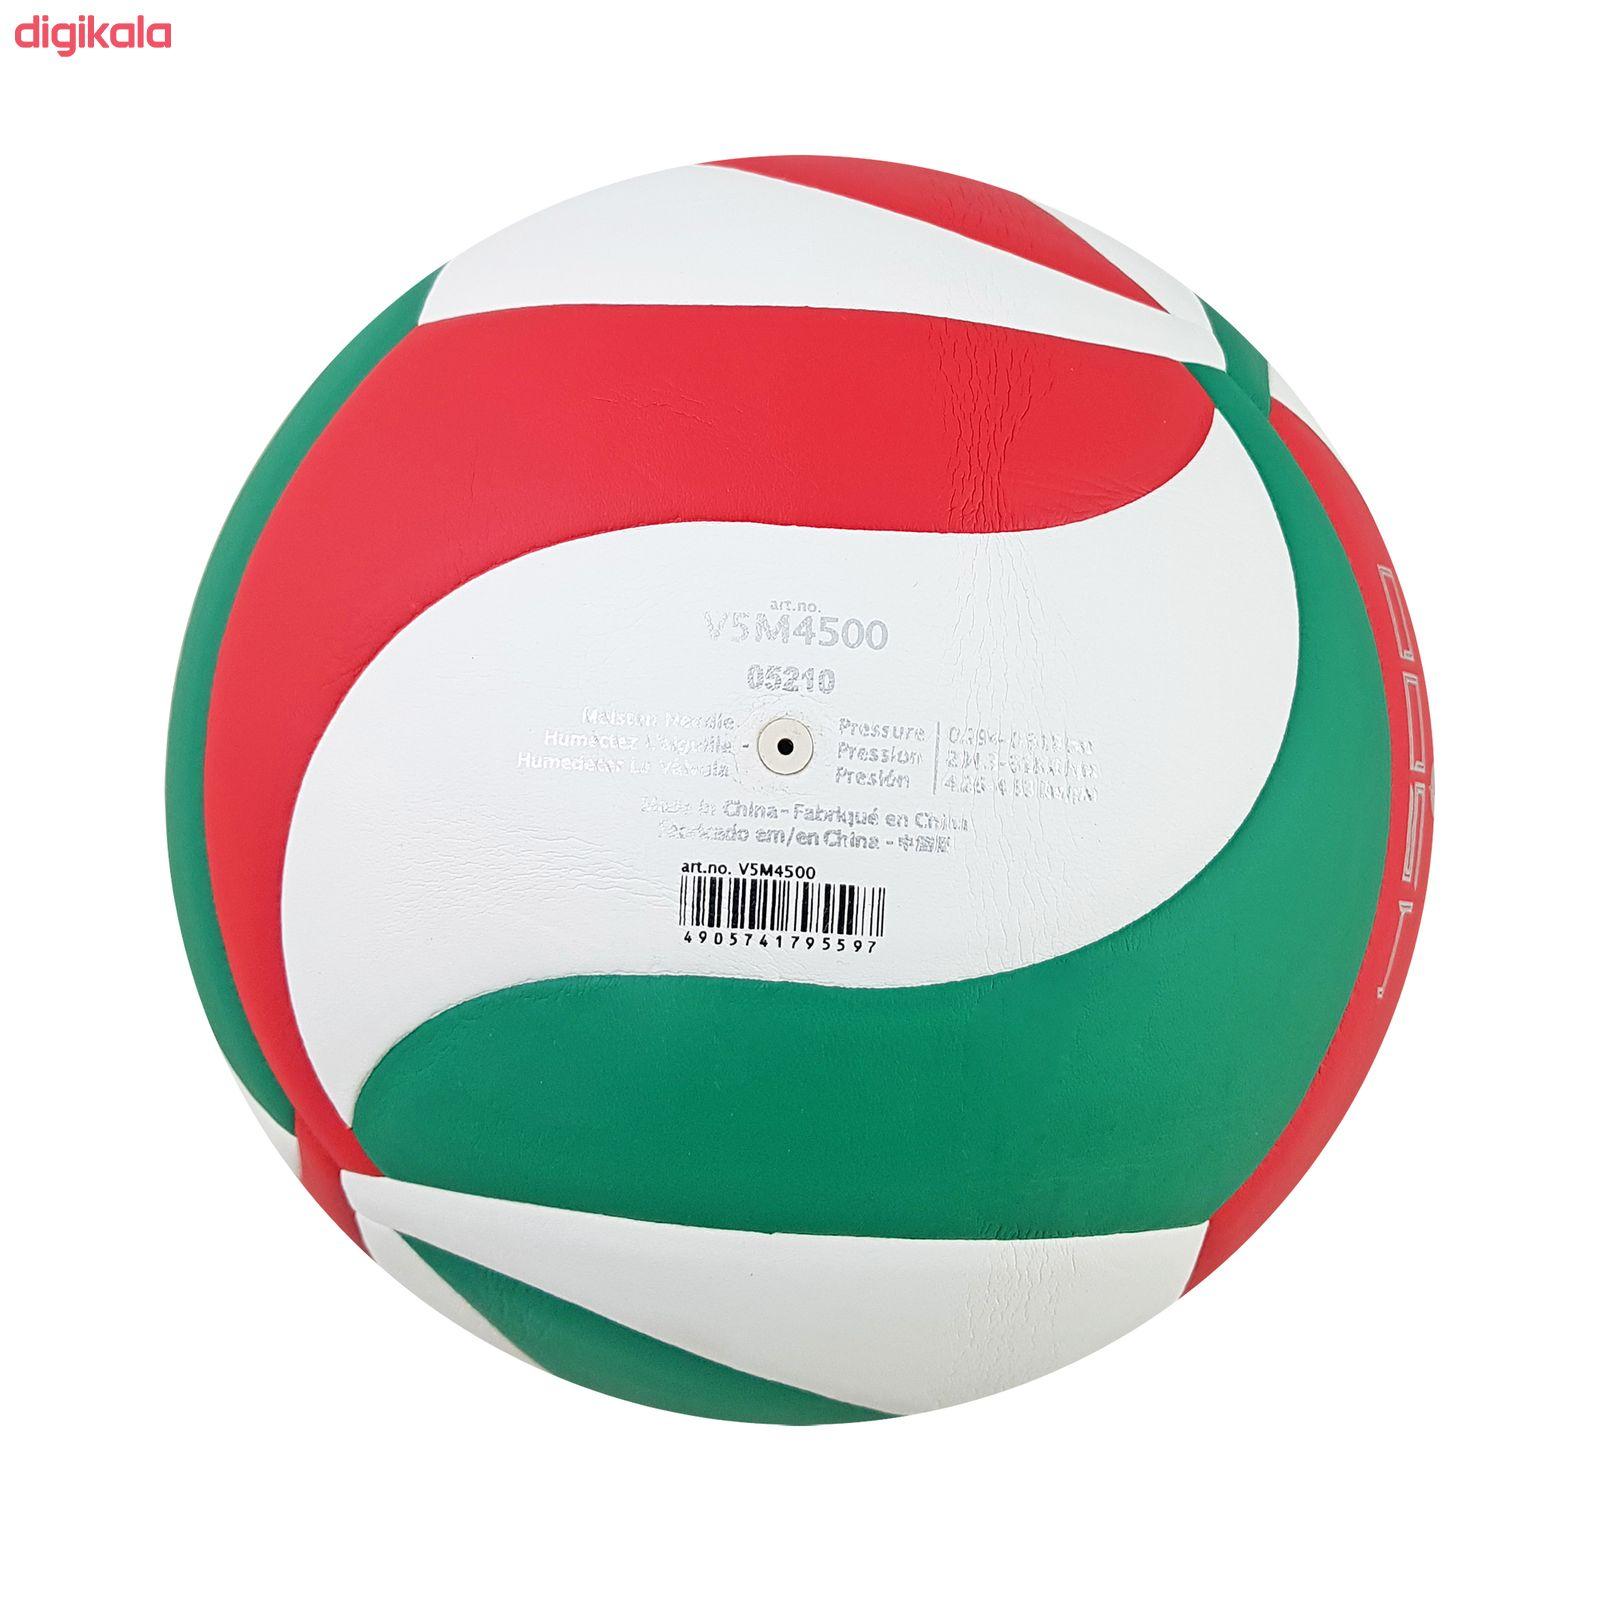 توپ والیبالمولدن مدل V5m4500  کد 05210 main 1 1